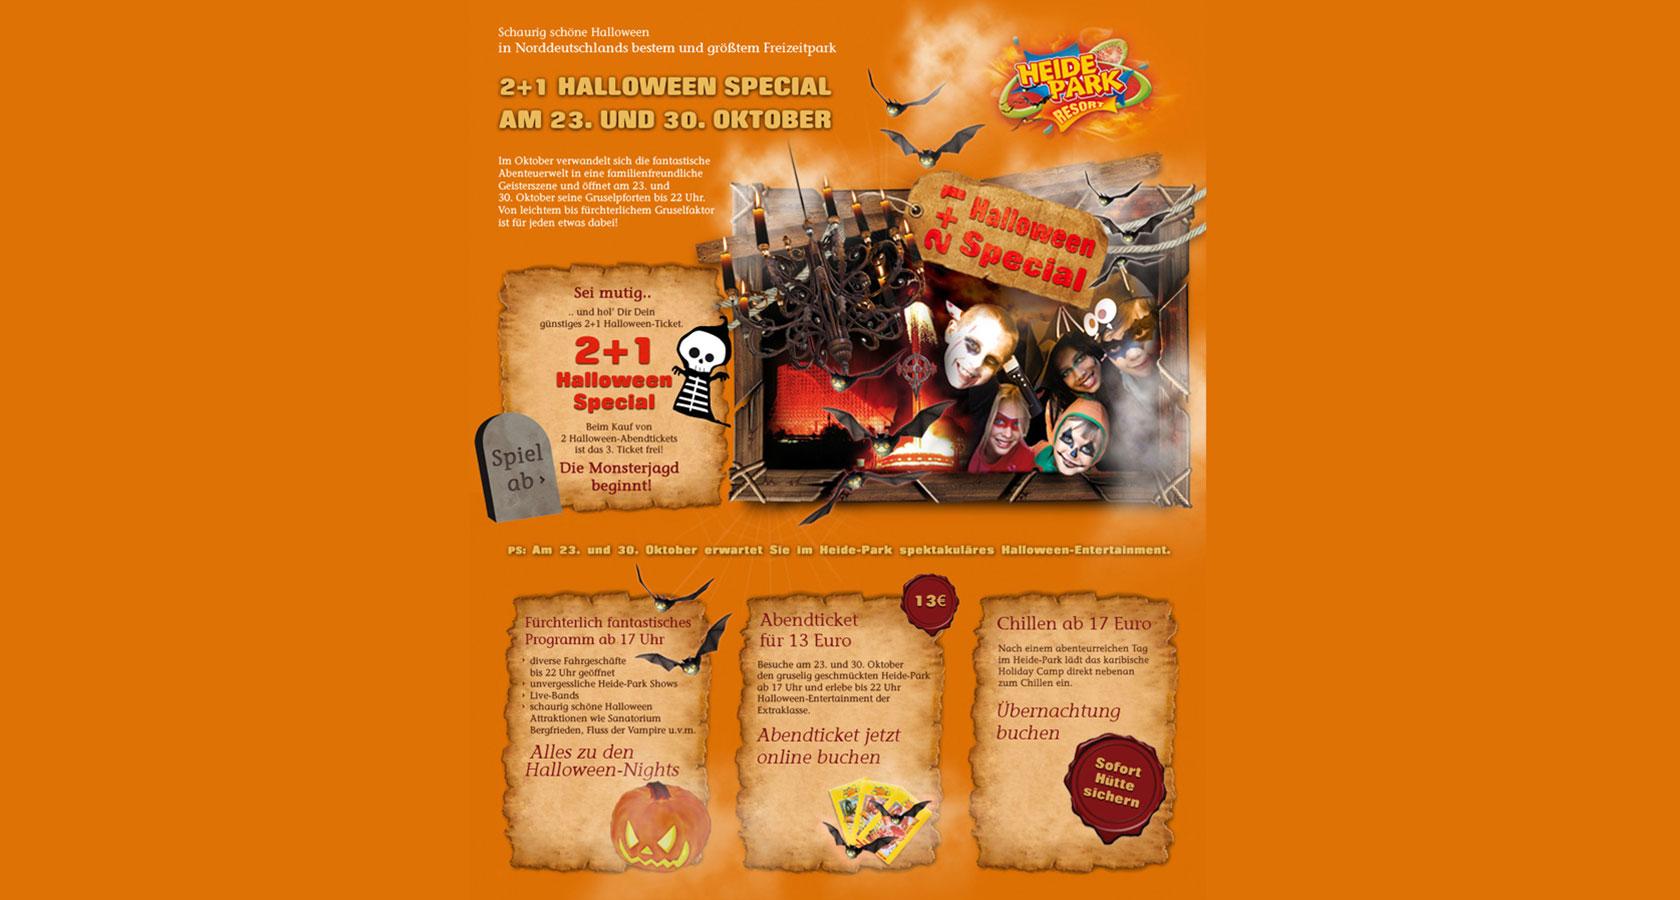 Screenshot vom Heide Park Newsletter fürs Halloween-Special